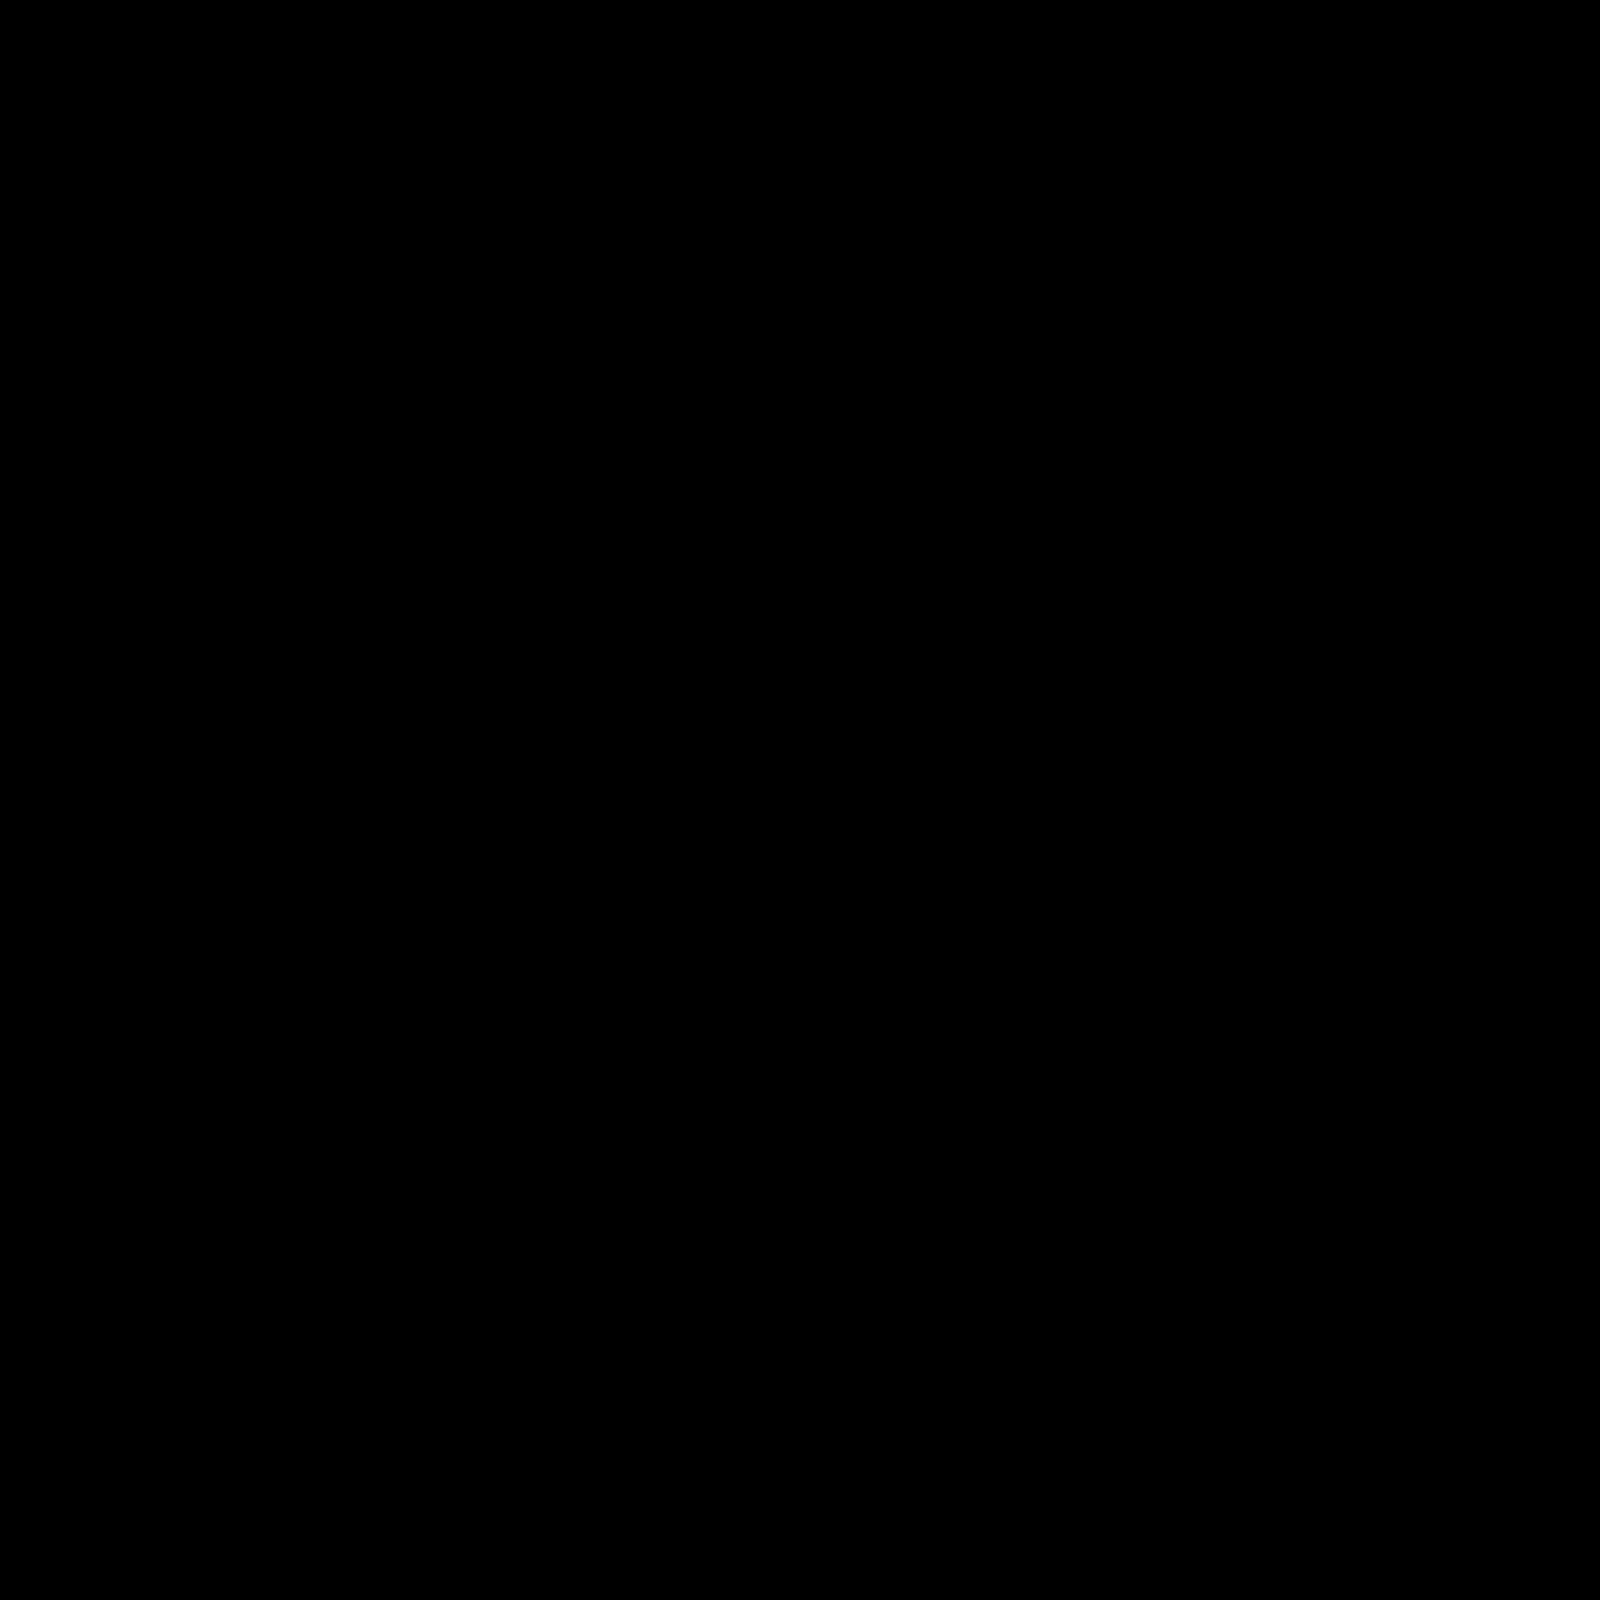 Копировальная машина icon